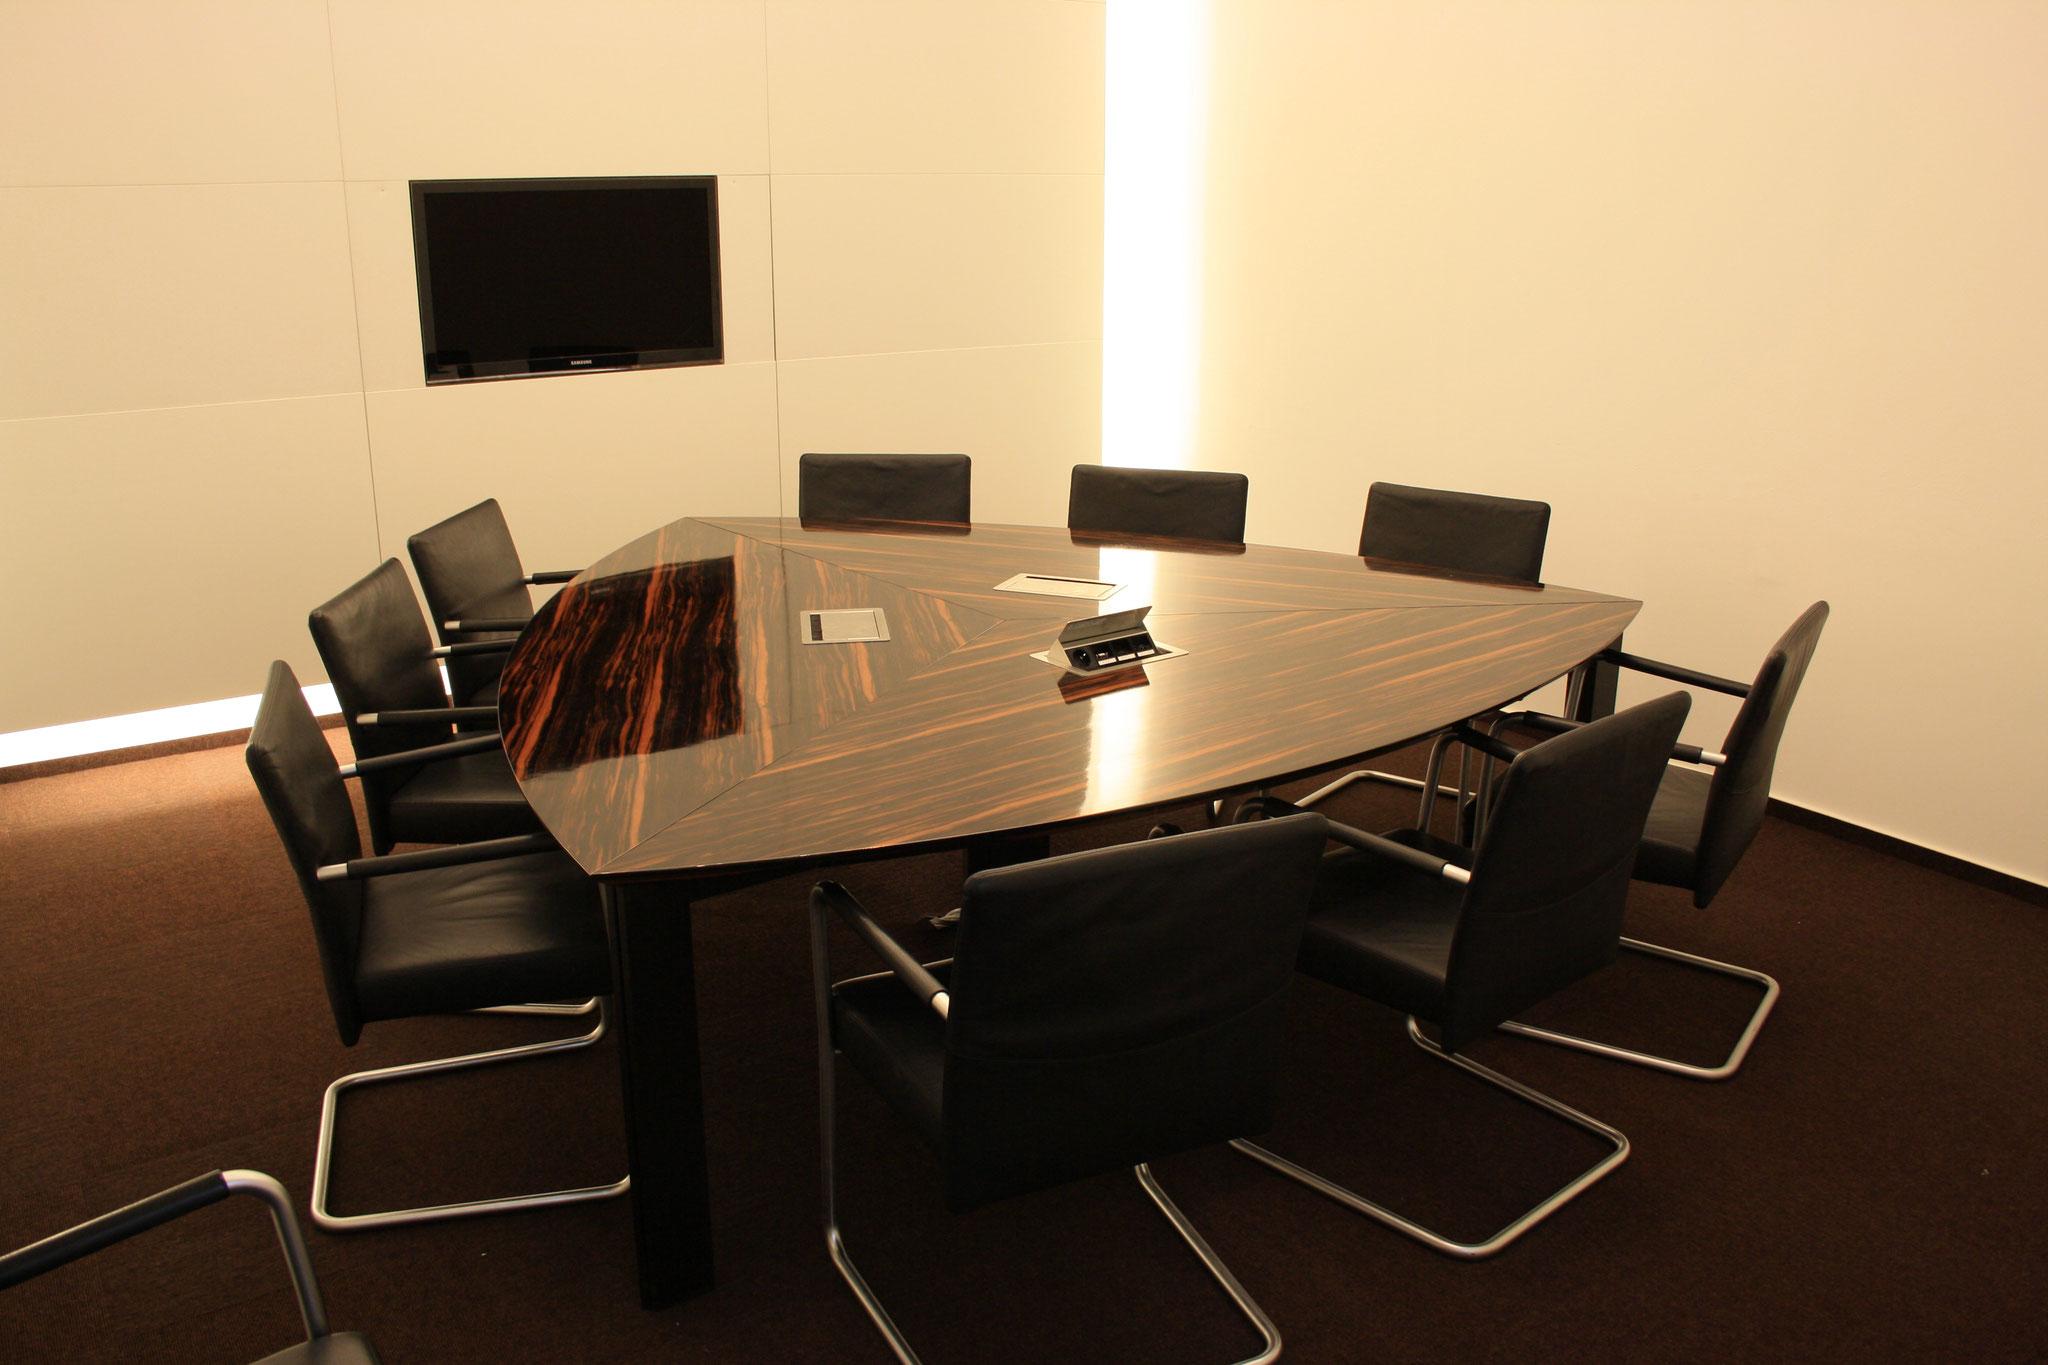 Konferenzraum einer Kanzlei in Heidelberg